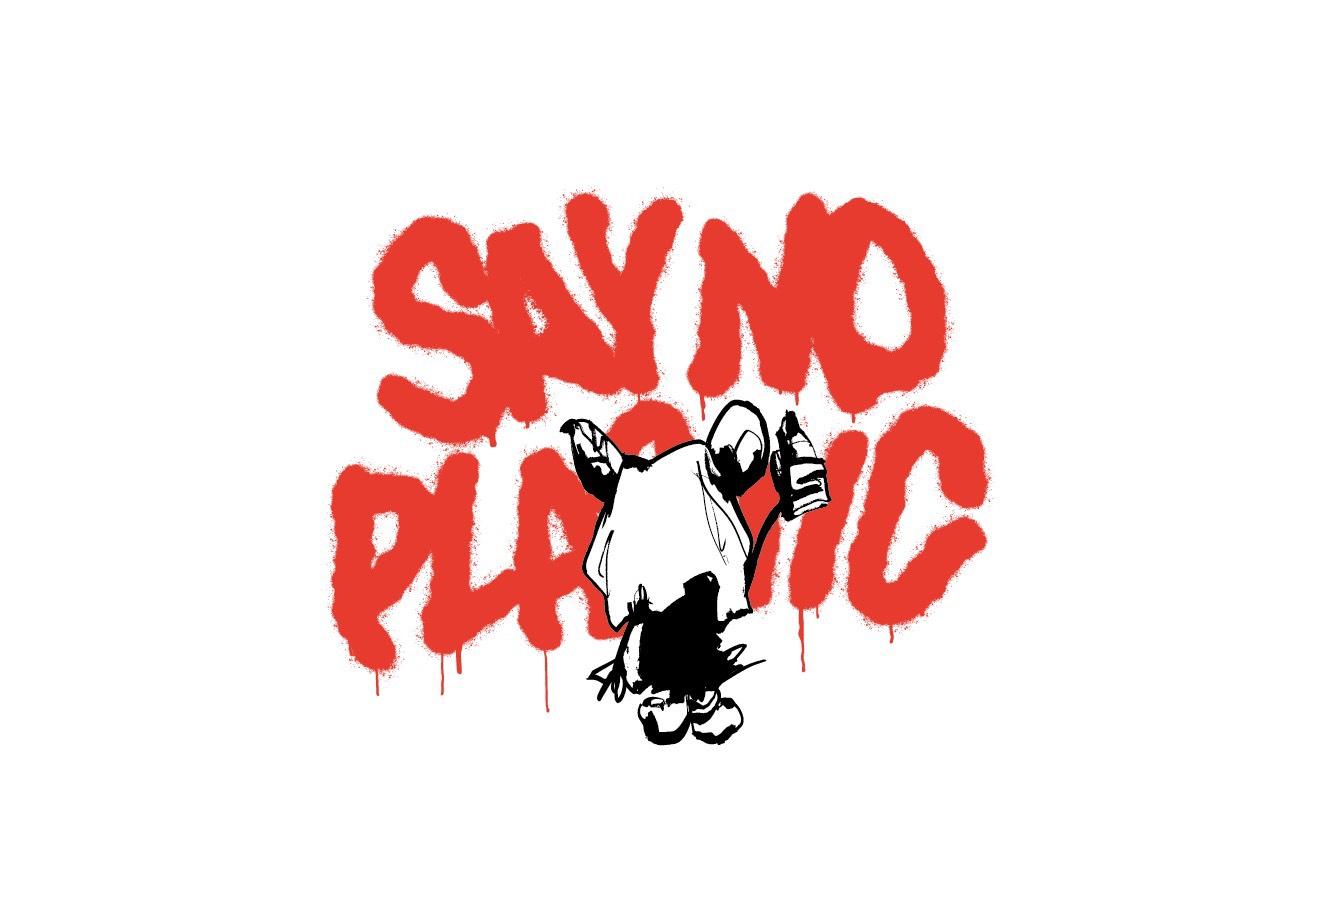 """【マリエが手がけるアートコミック】太平洋を漂うプラスチックゴミから生まれた""""プラスチックモンスター""""とは"""